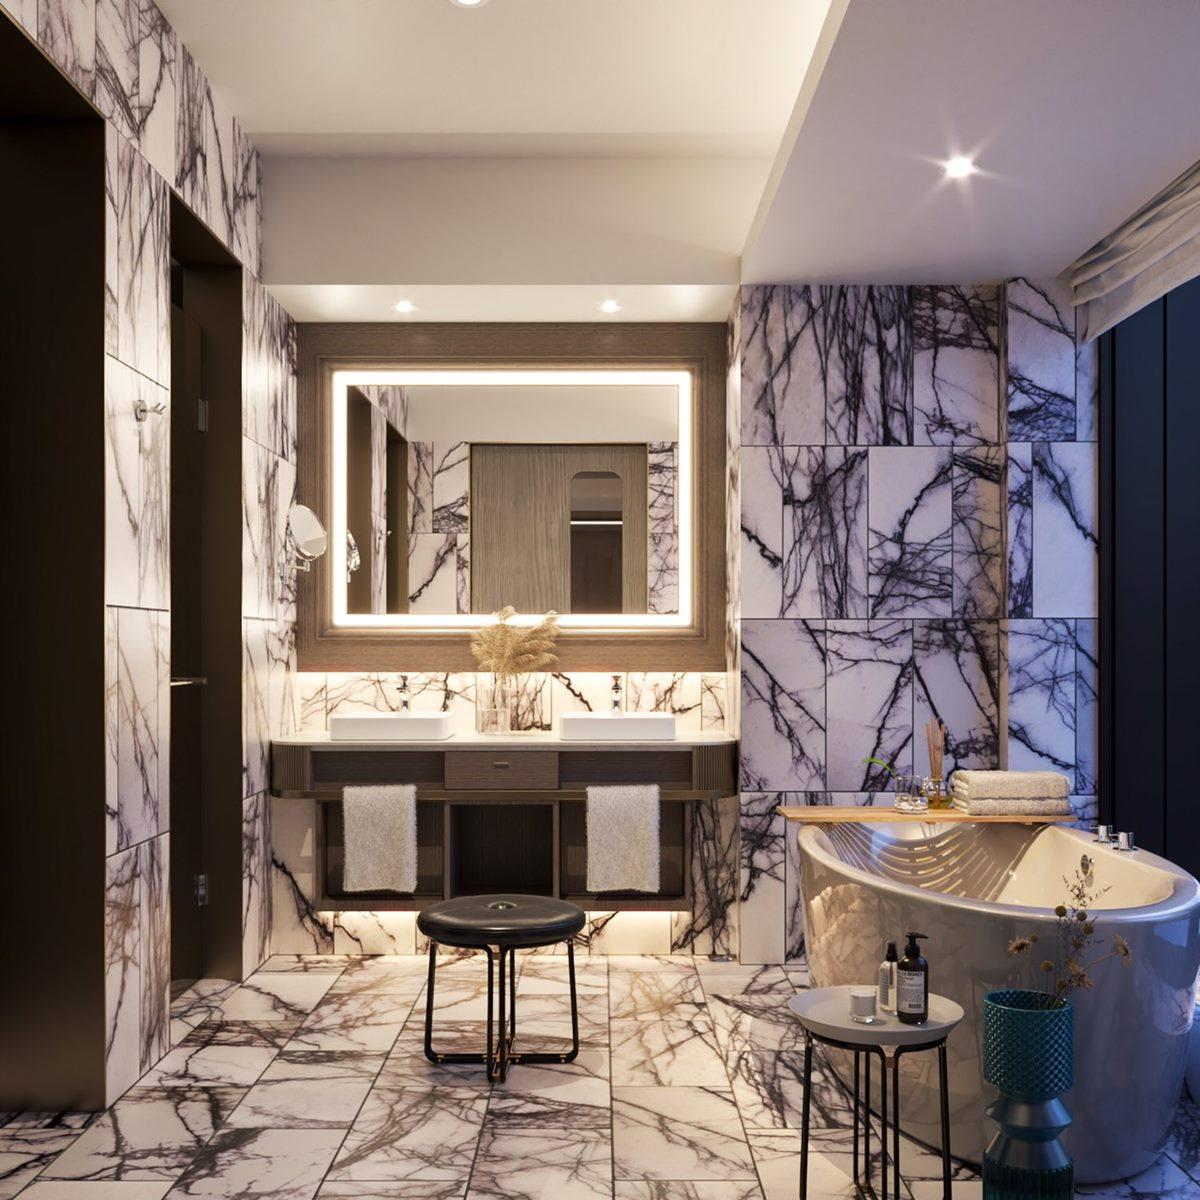 【新開店】最新打卡飯店「高雄洲際酒店」,躺床看整排地標、海洋設計房間到餐廳都能拍